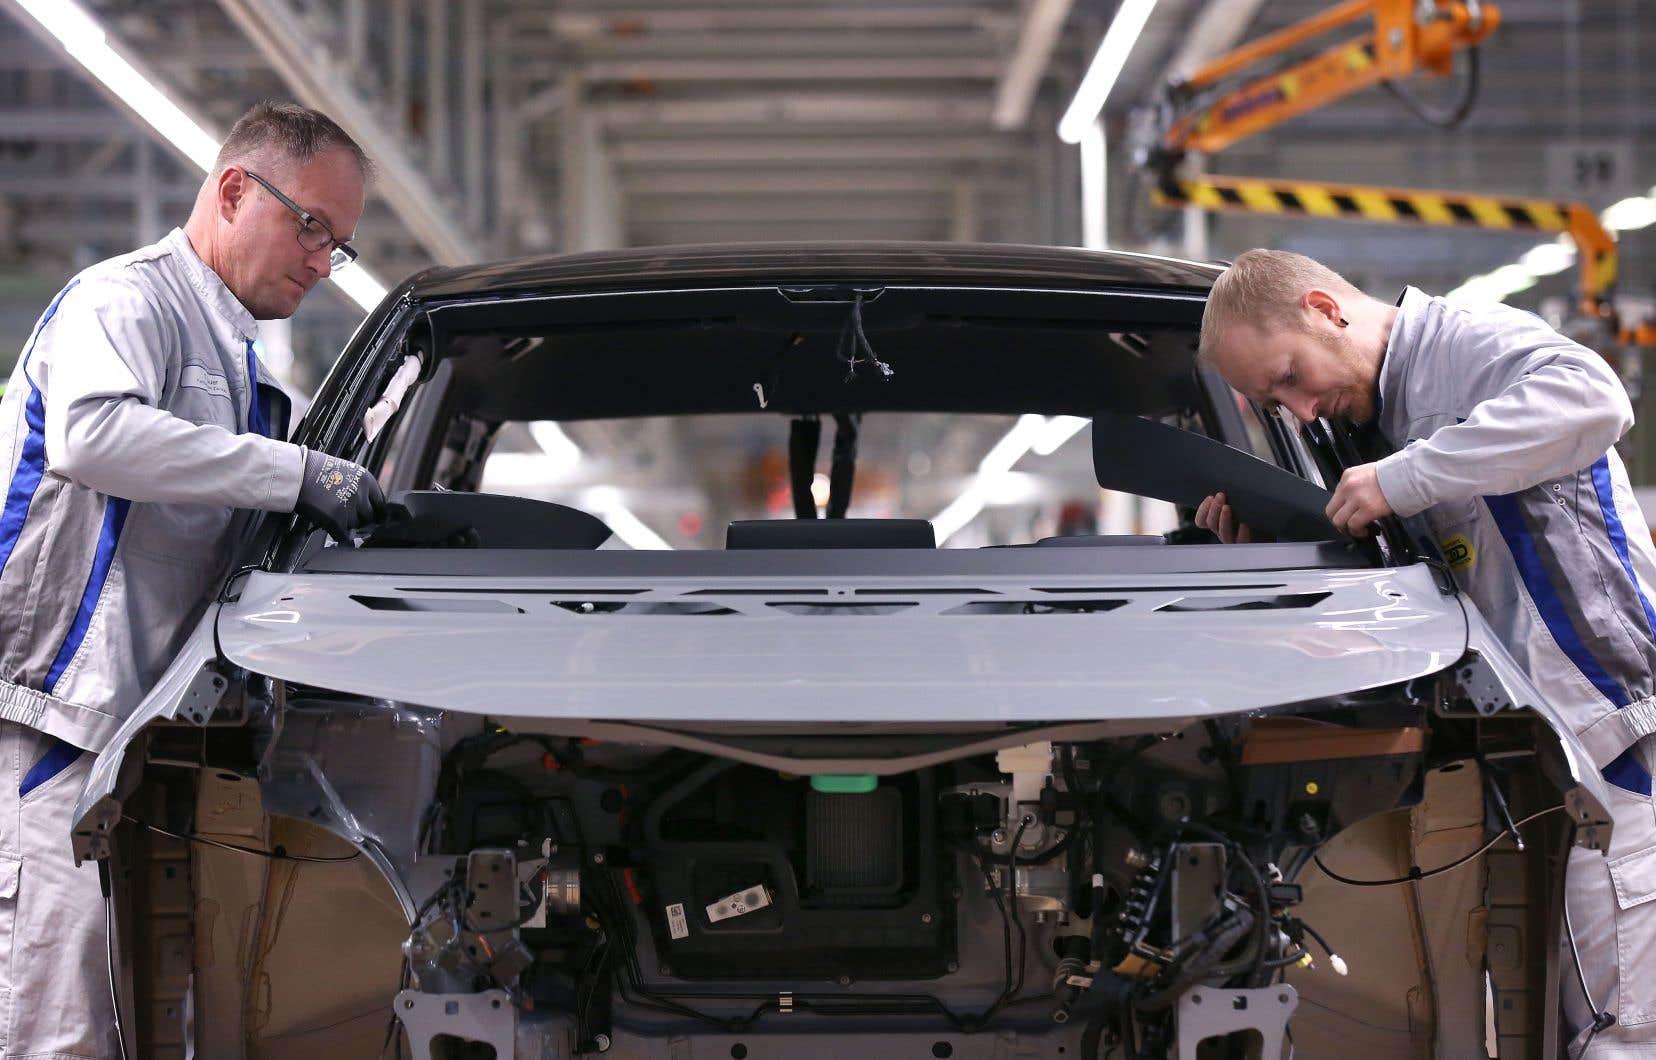 Une chaîne de production de véhicules Volkswagen à Zwickau, dans l'est de l'Allemagne